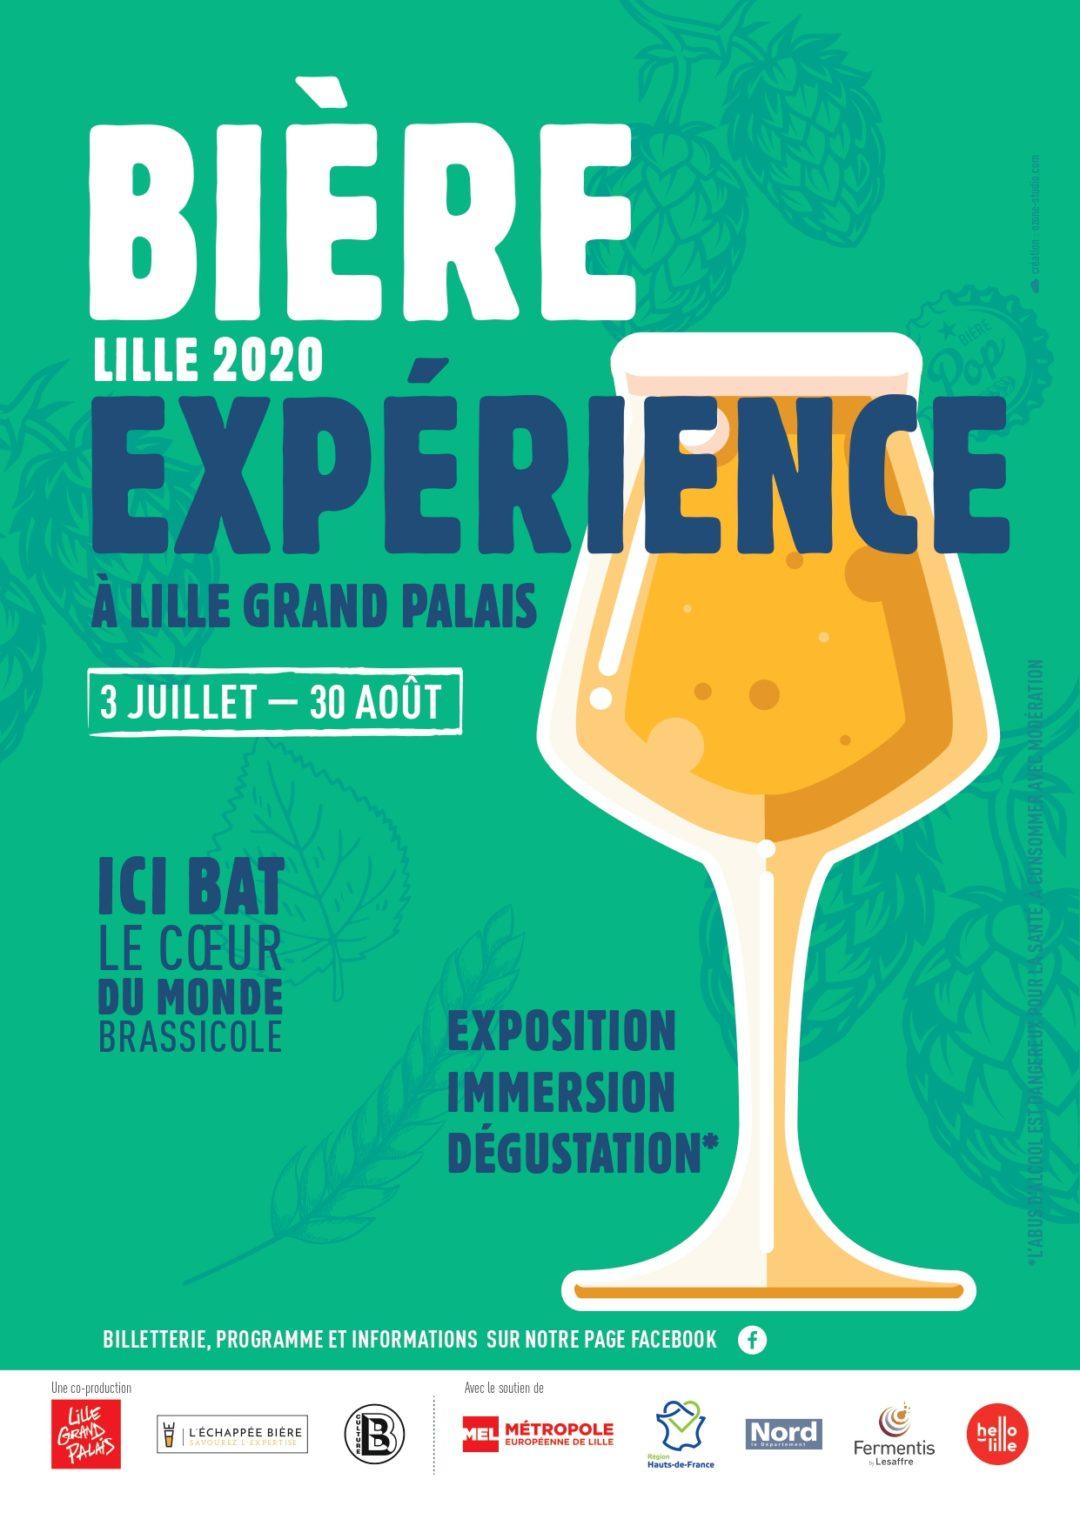 Bière Expérience